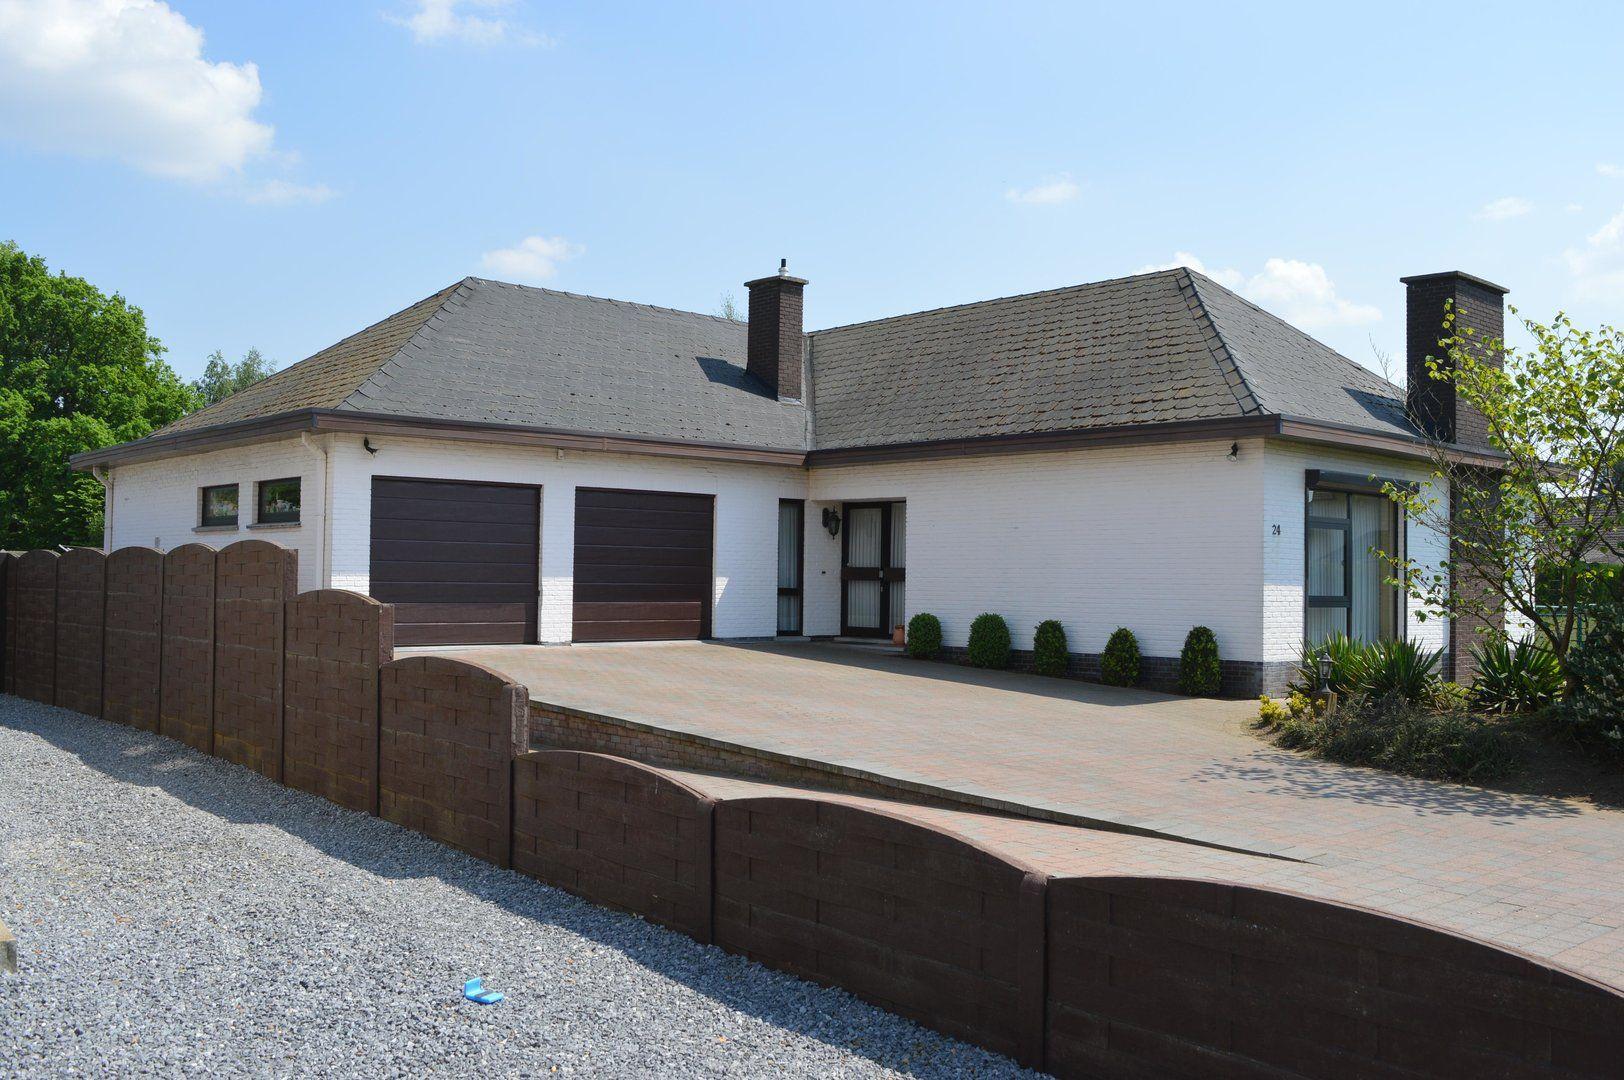 Huis te koop terlaemenlaan 24 3550 zolder heusden for Huis te koop houthalen